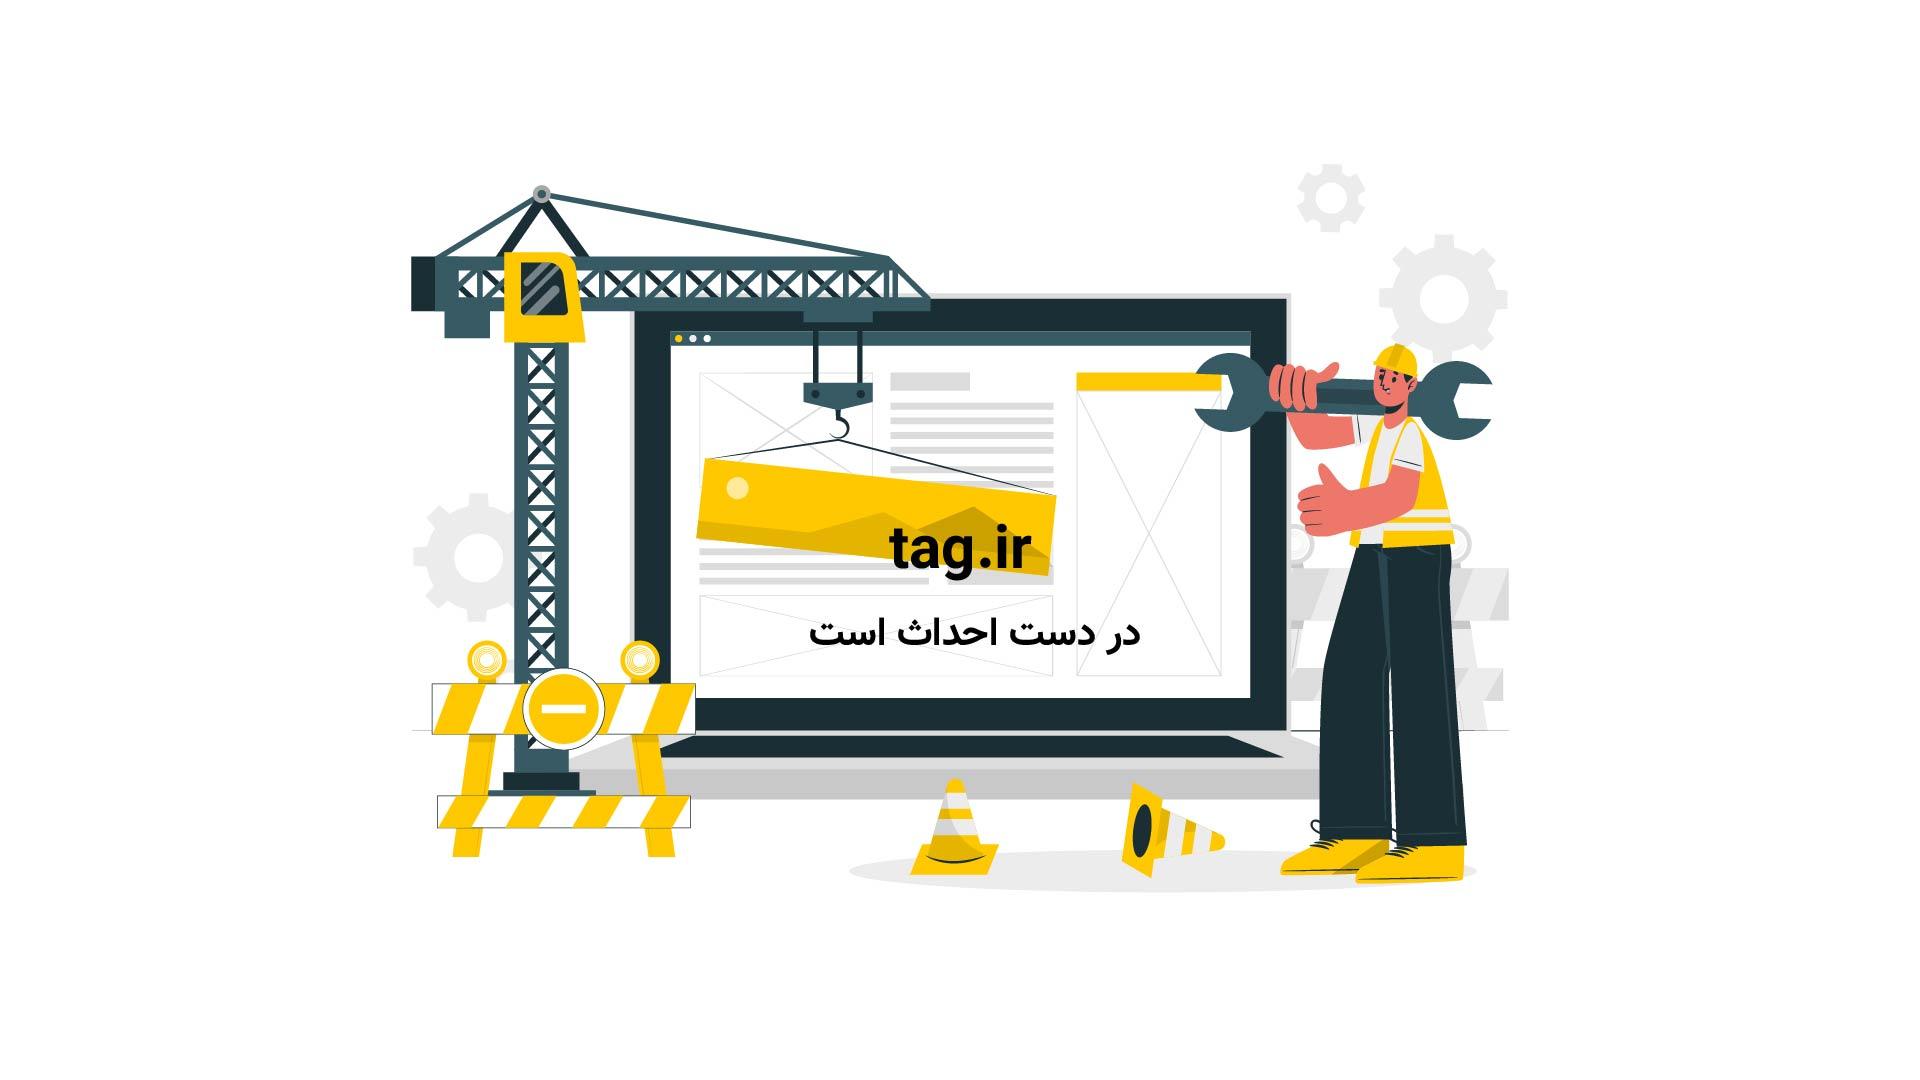 سخنرانی های تد؛ داده بزرگ، داده بهتری است | فیلم